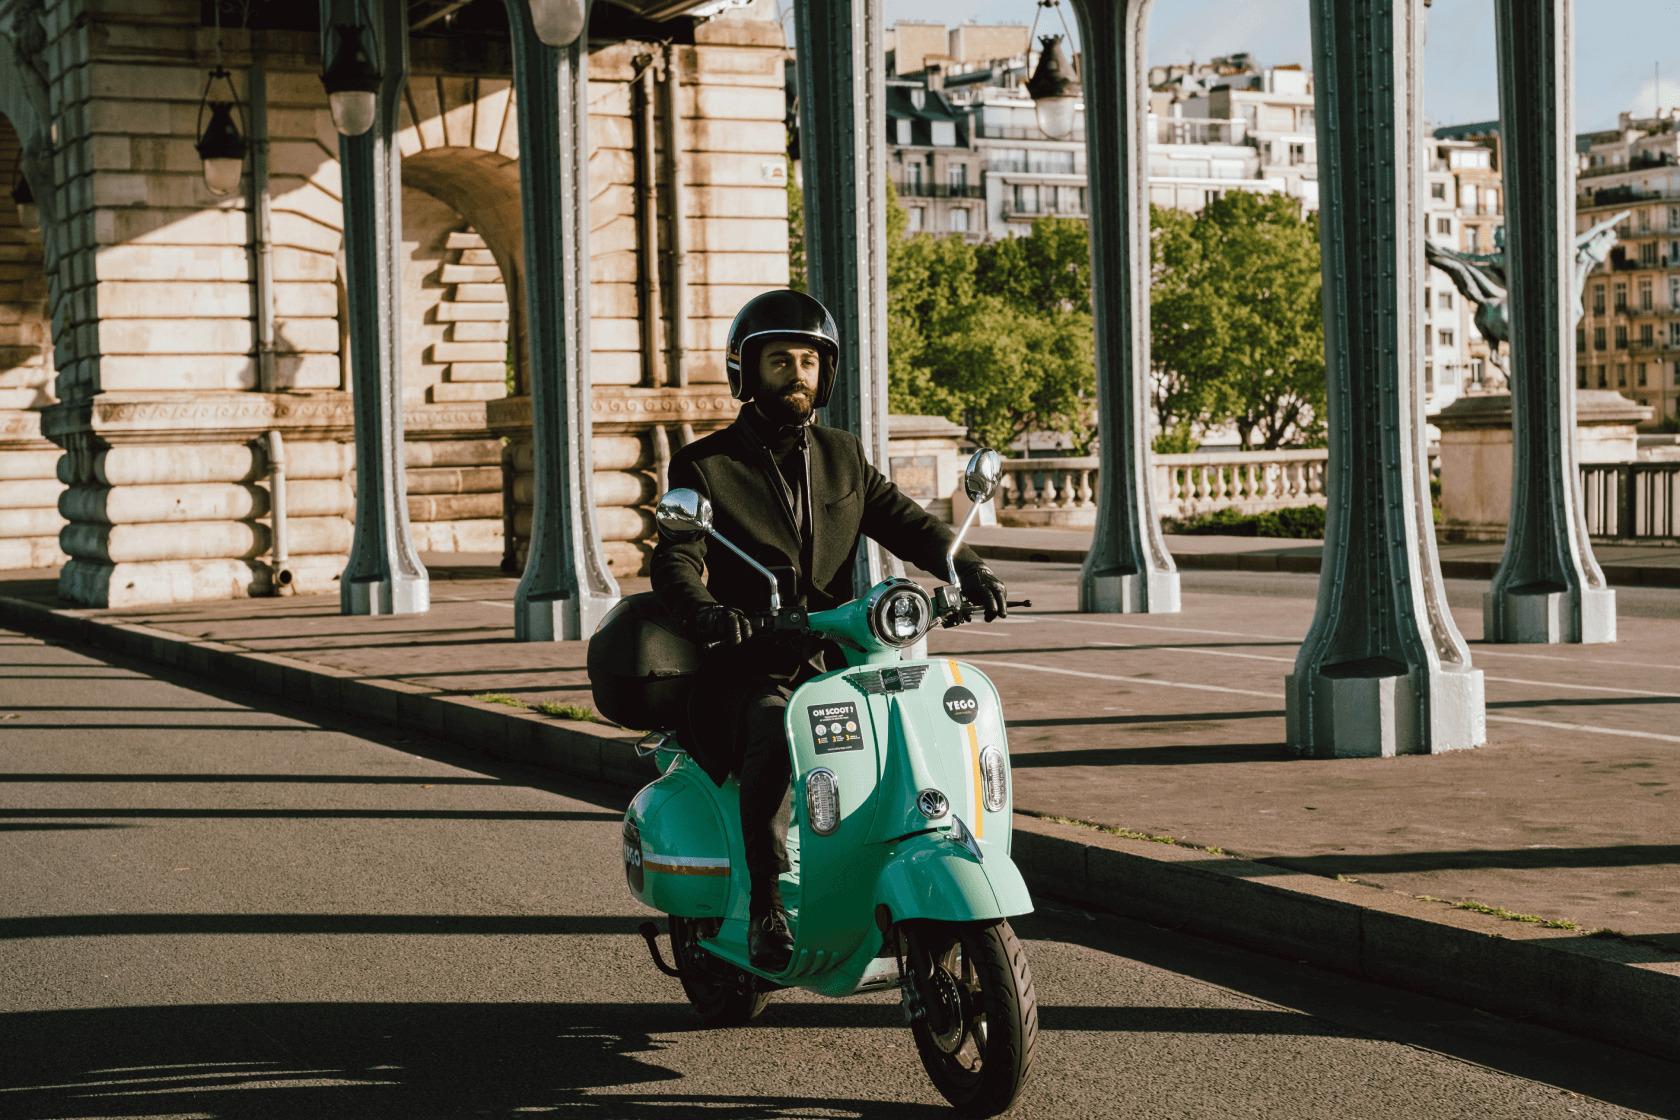 Yego lance ses scooters électriques à Paris: quel prix par rapport à la concurrence?